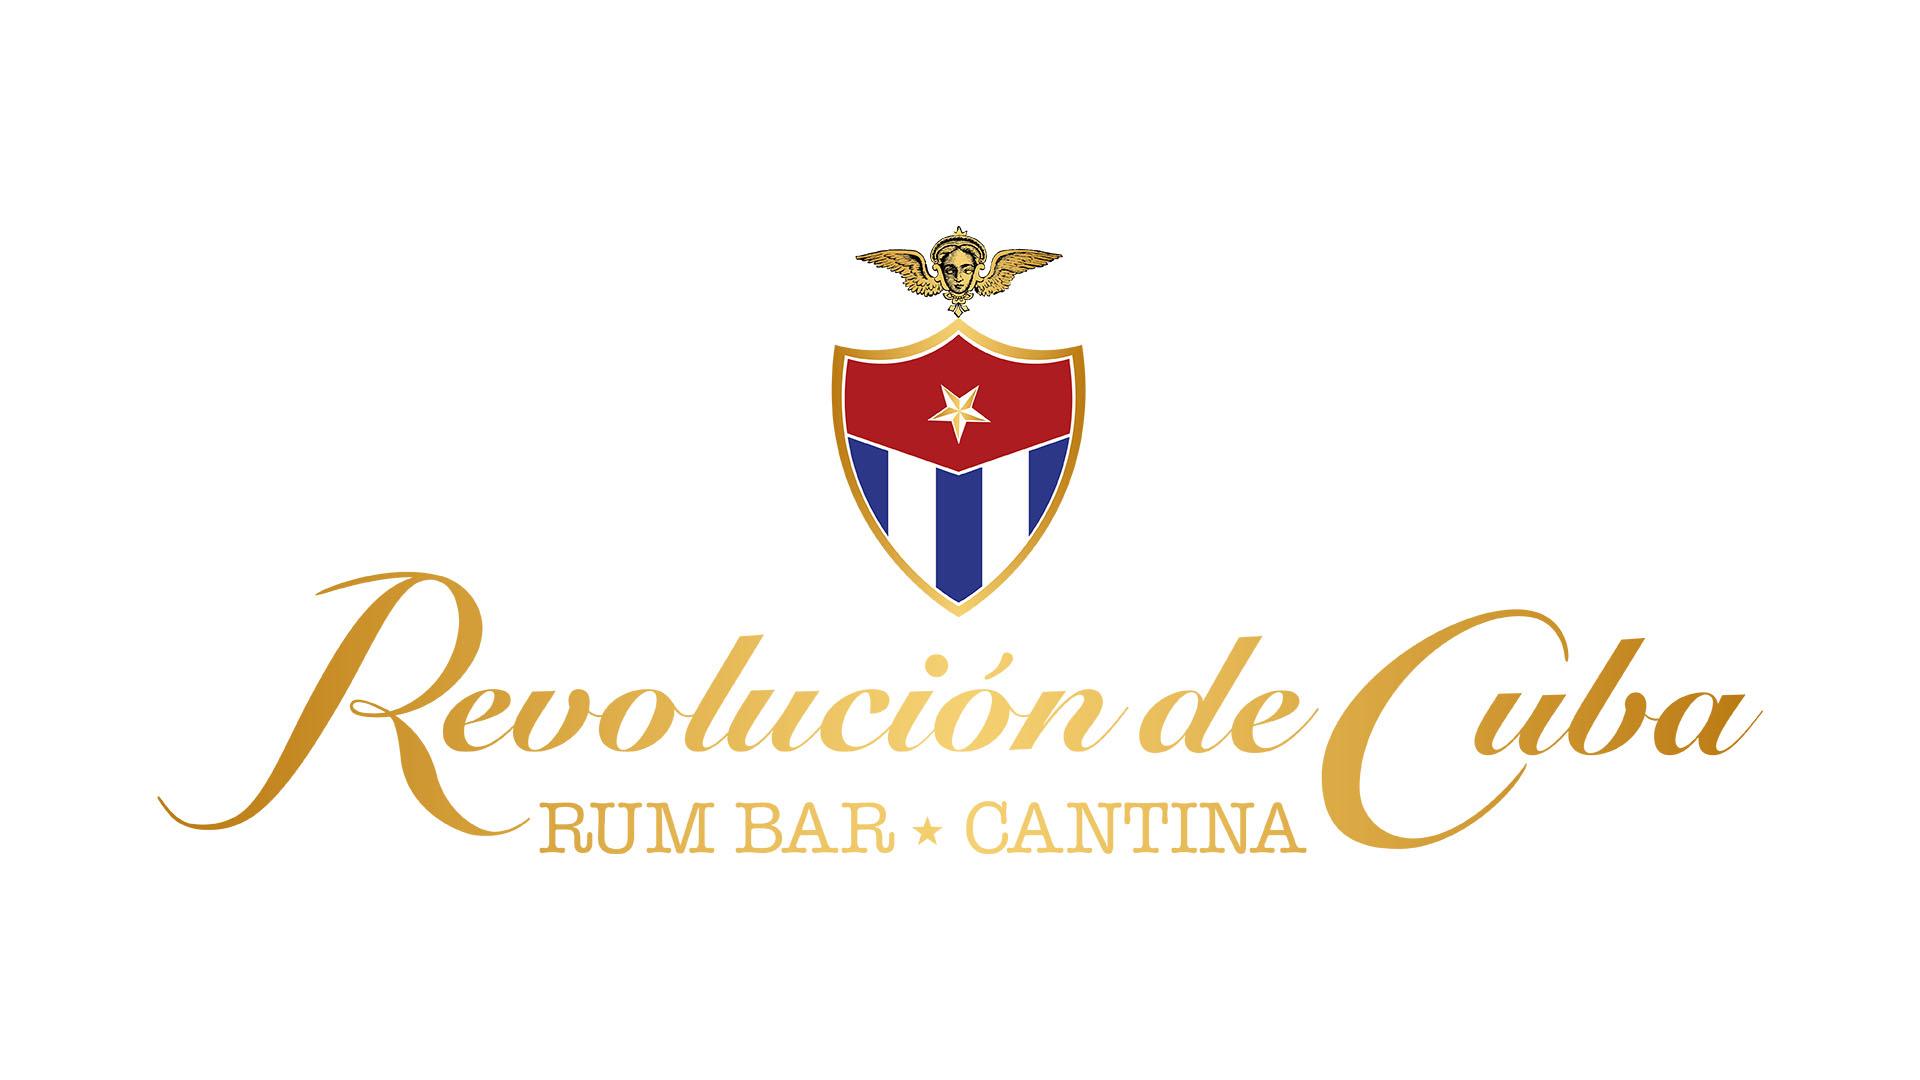 Revolucion de Cuba Cardiff Partnerships Salsa dance havana People